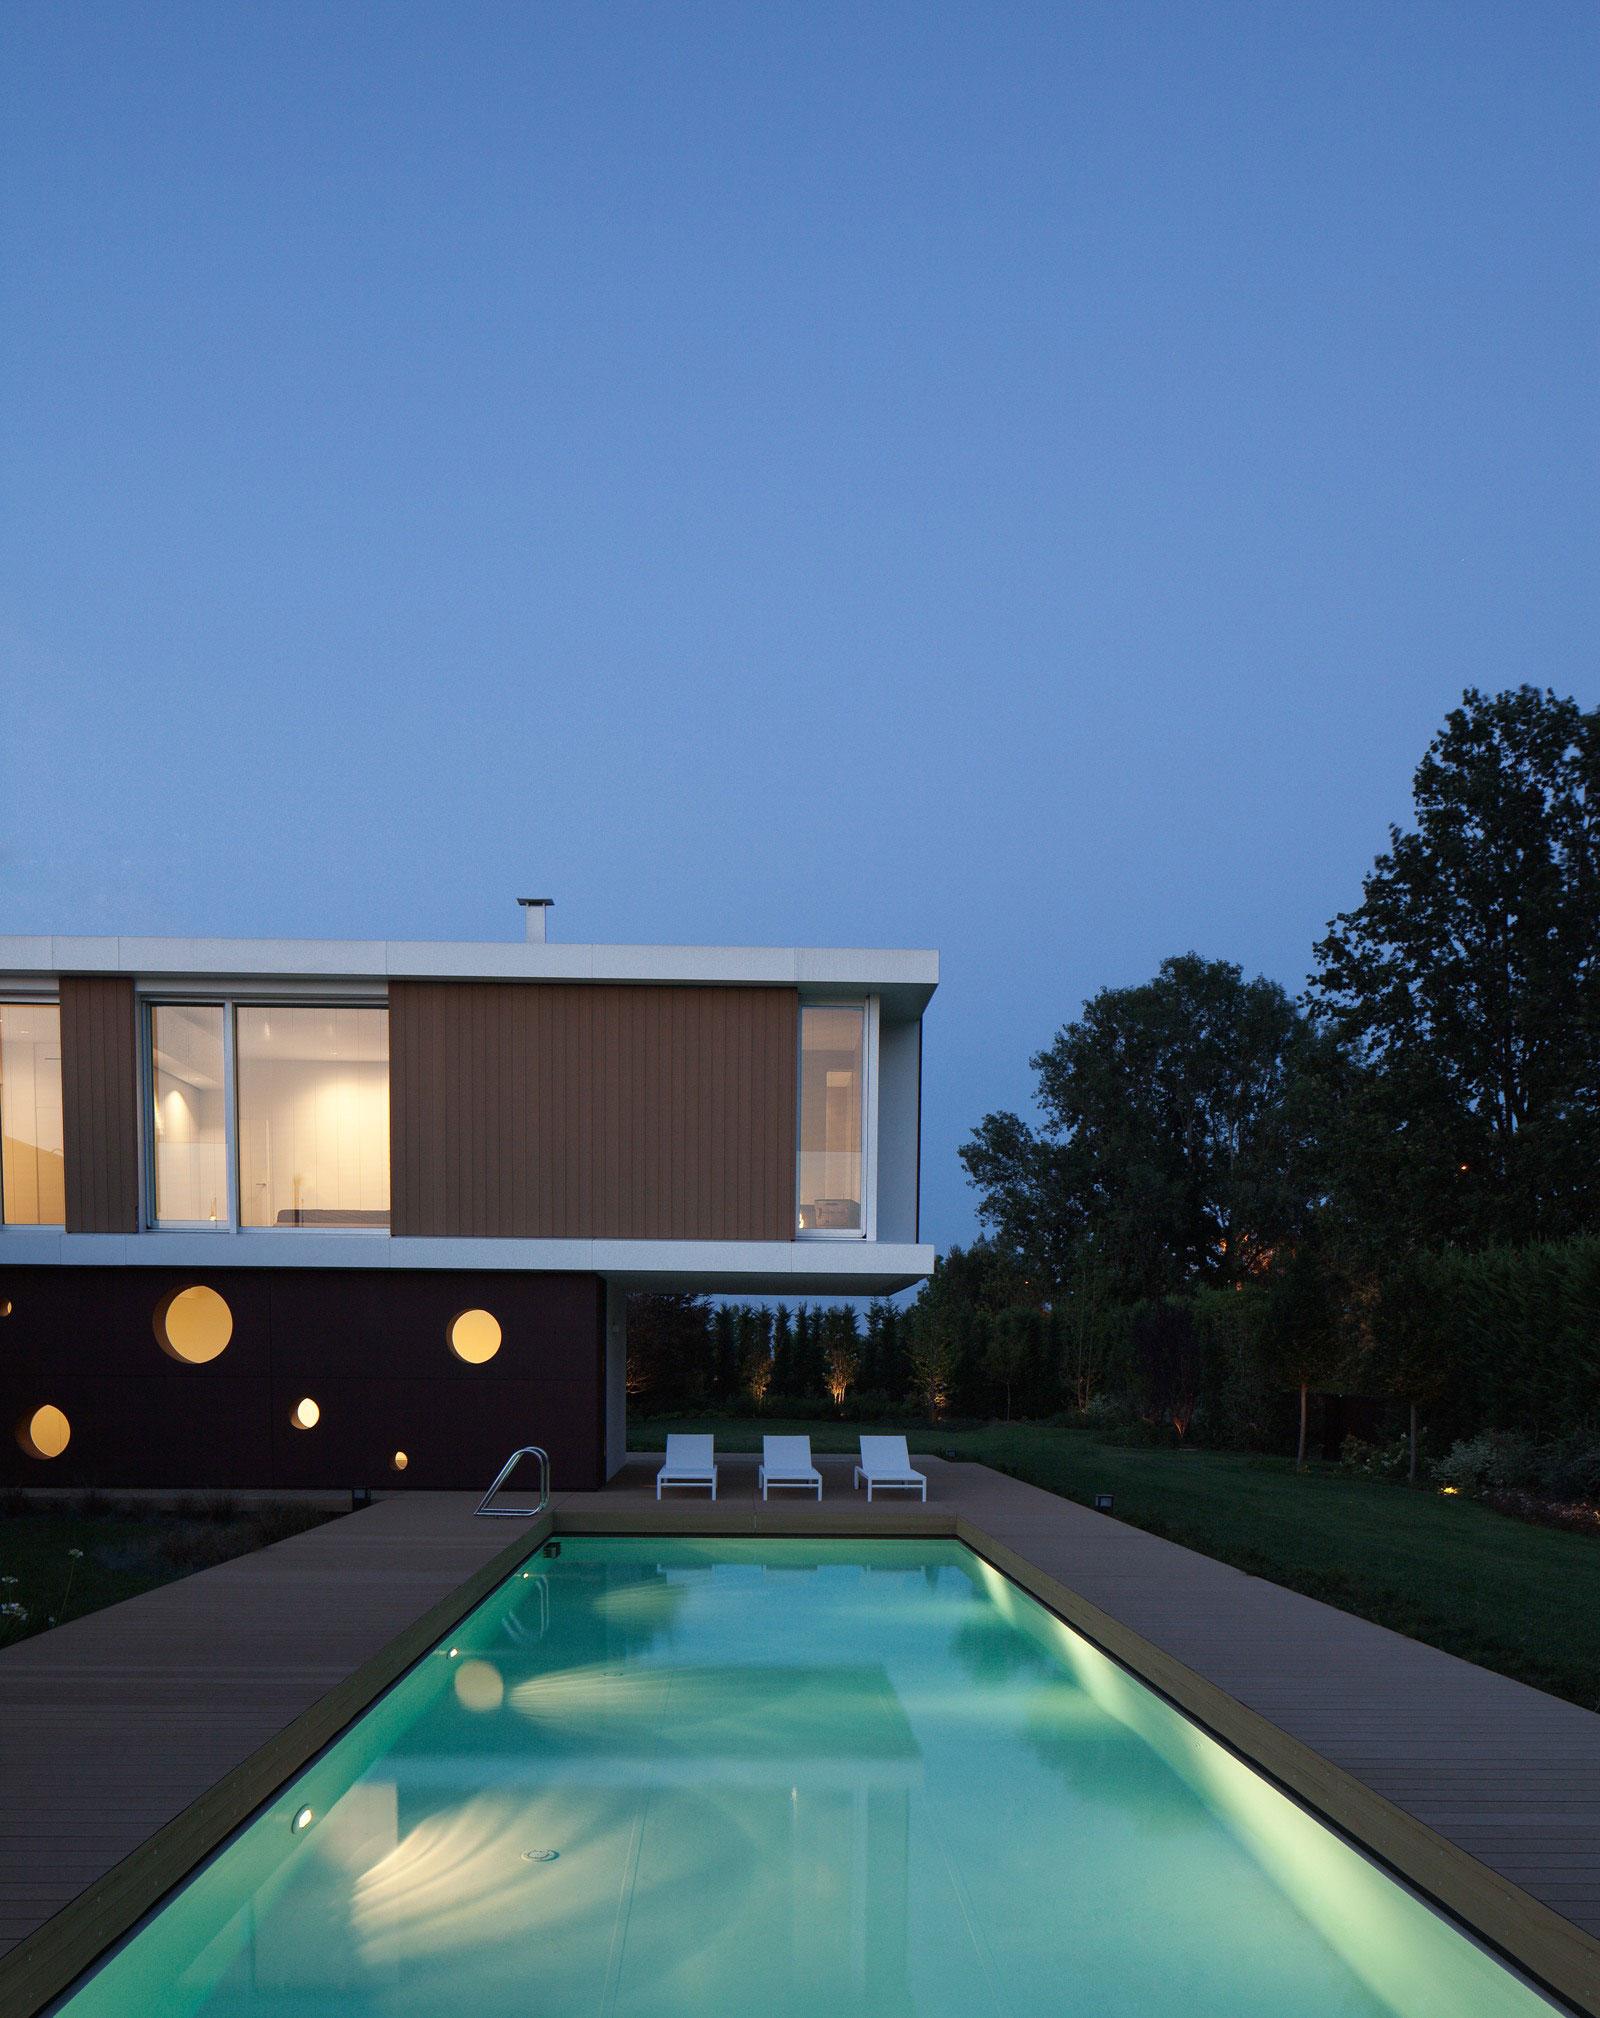 Modern Villa By Carlo Donati Studio Homedezen